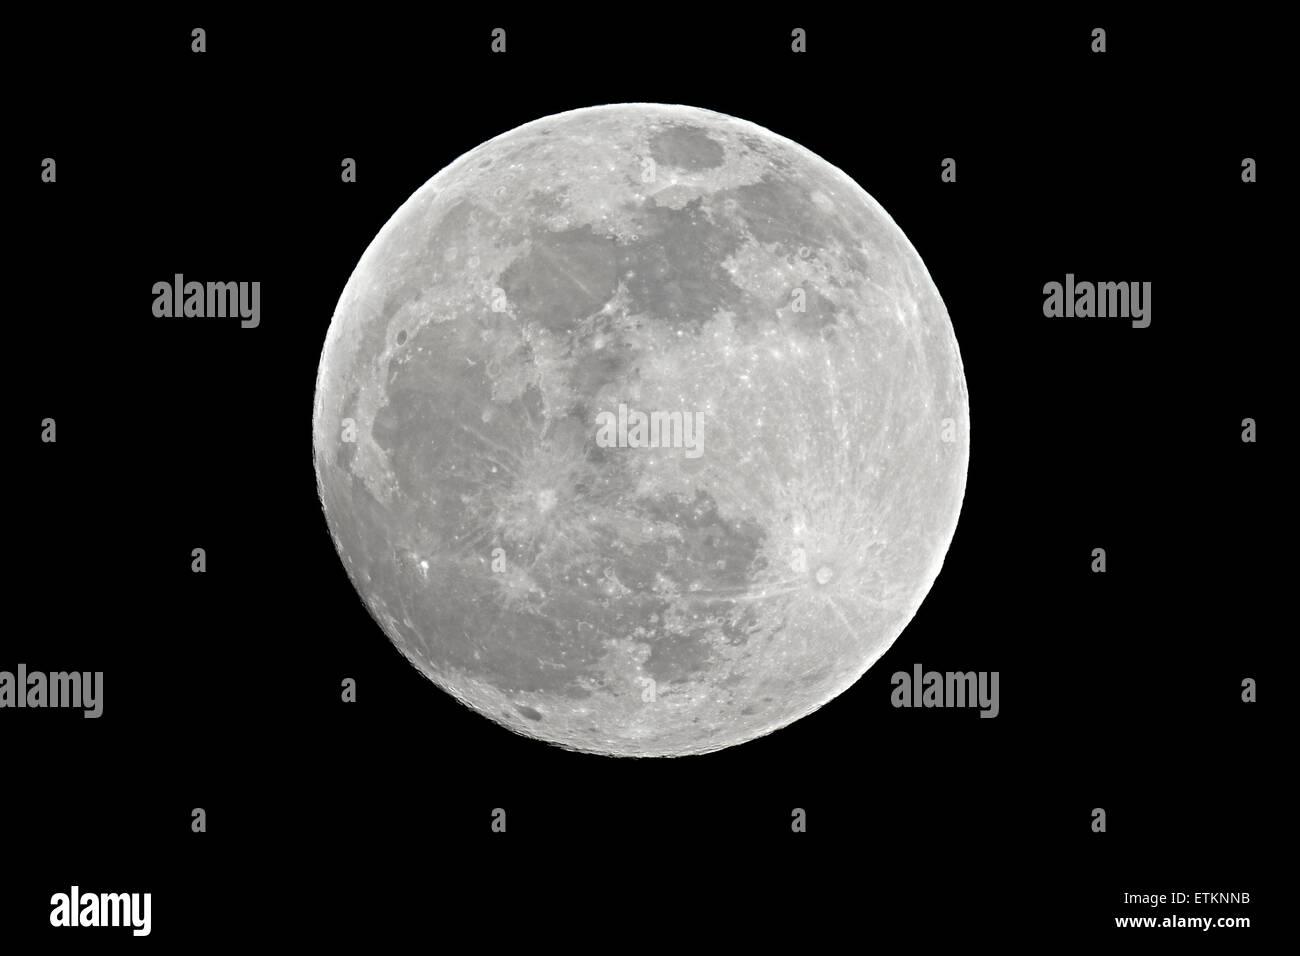 Full moon closeup - Stock Image